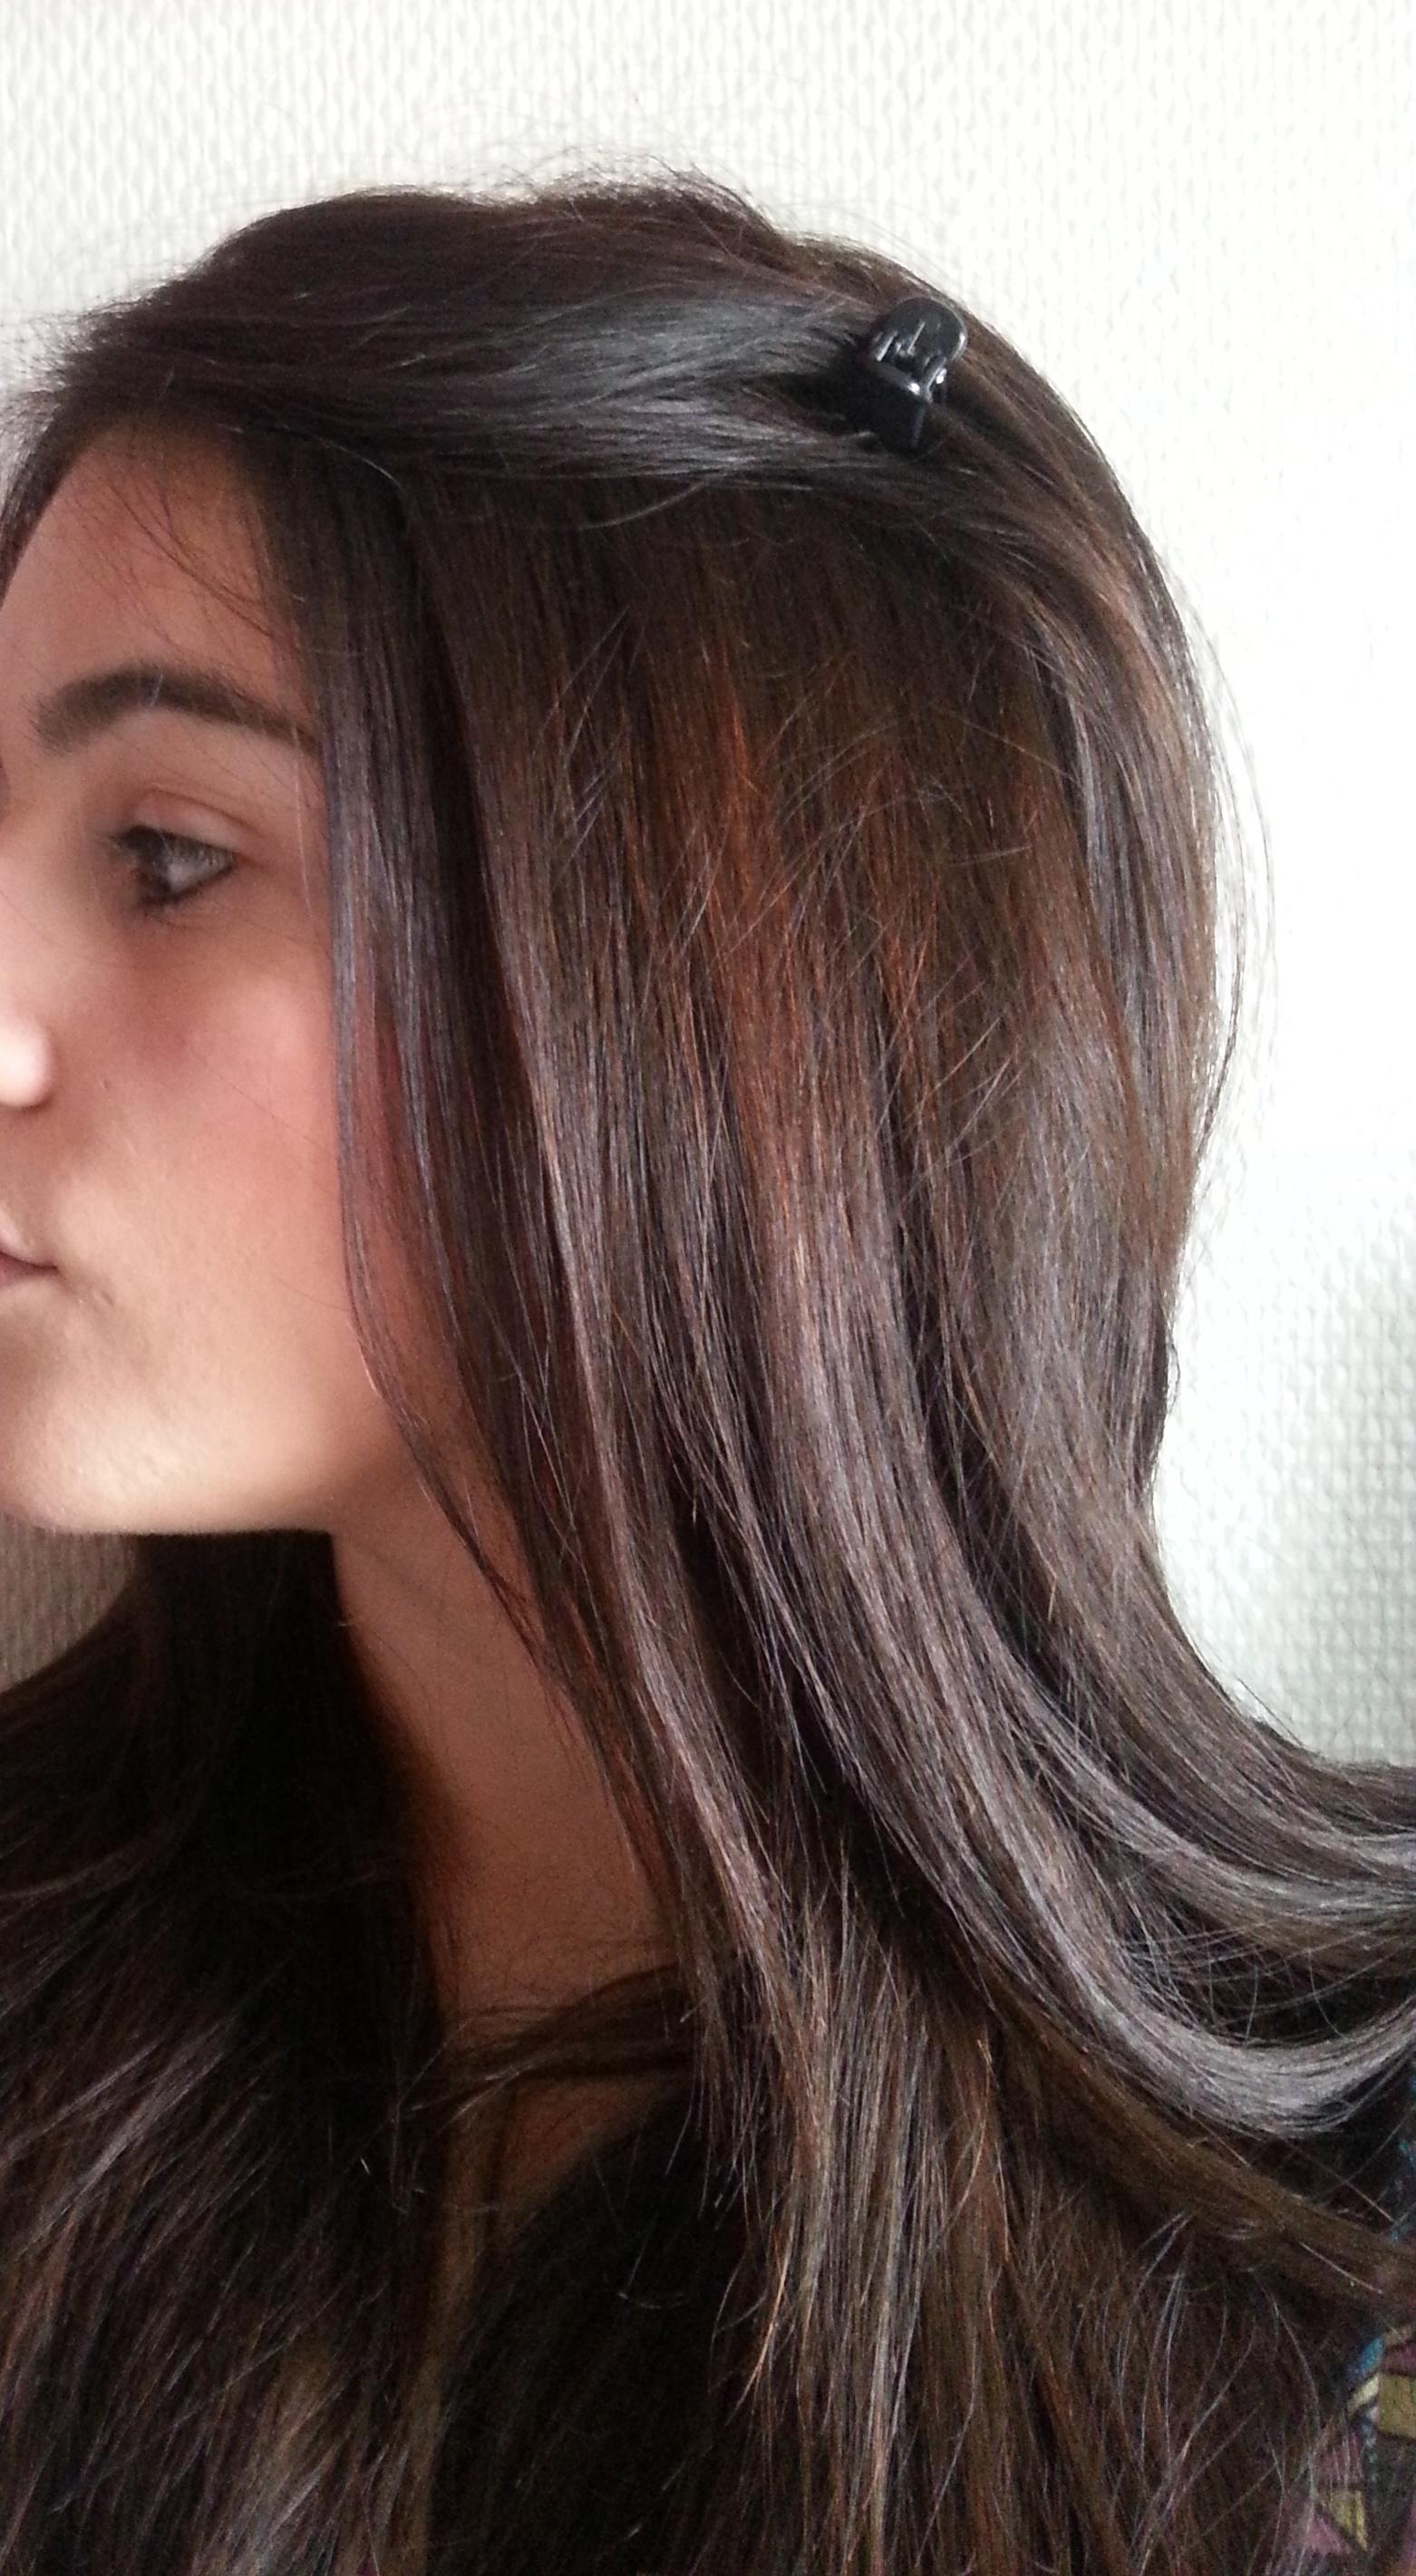 cheveux bruns cuivres printemps ete 2013 blog beautychihuahua - Claircir Les Cheveux Colors